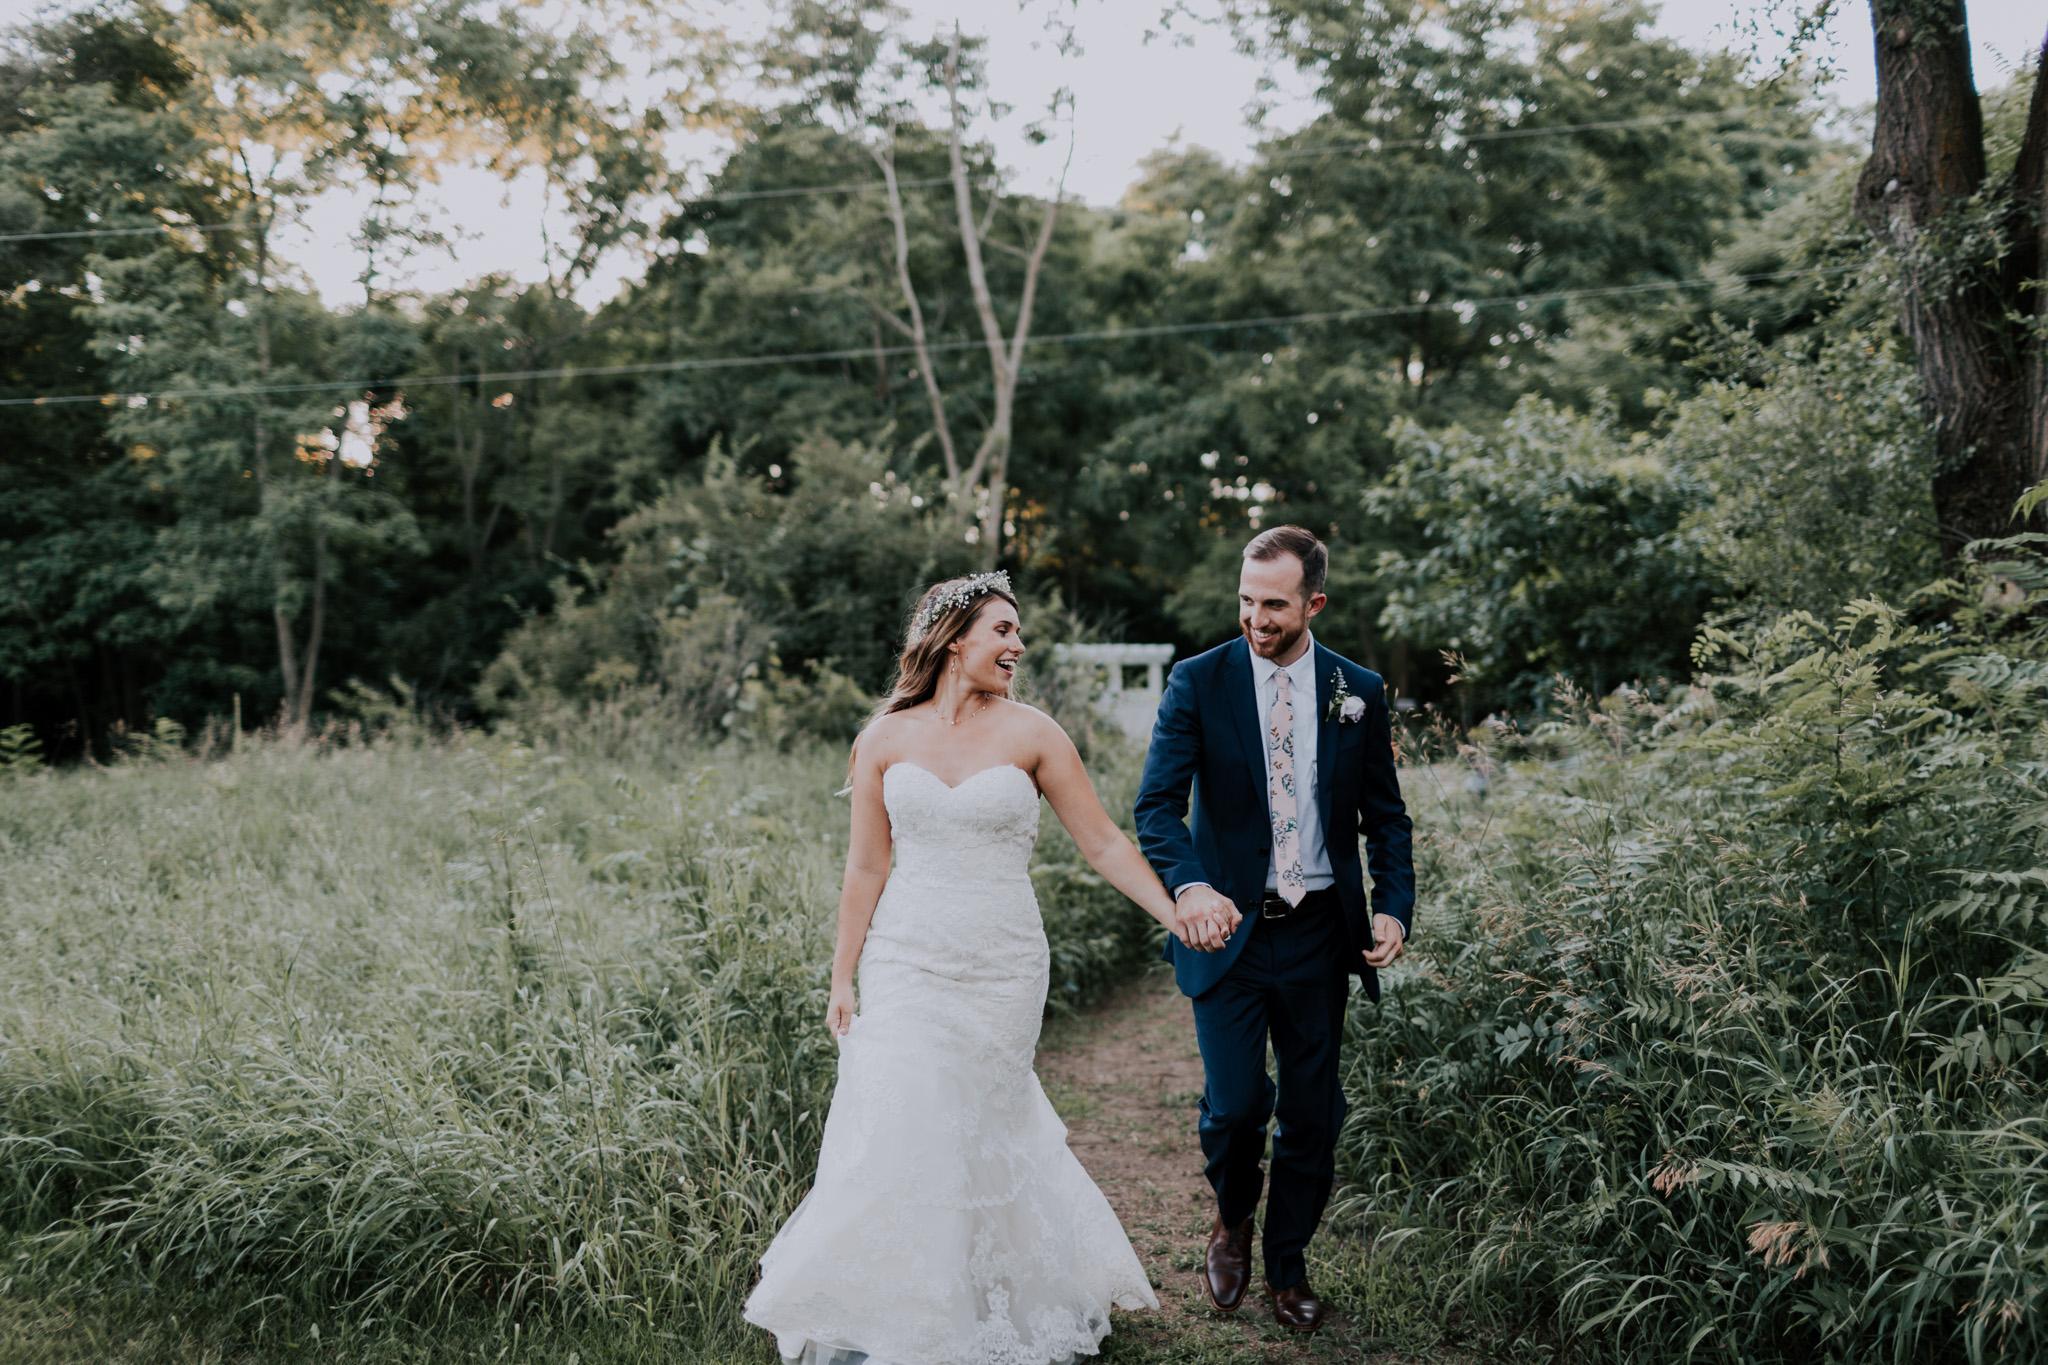 Blue-Dress-Barn-Michigan-Wedding-April-Seth-Vafa-Photo952.jpg